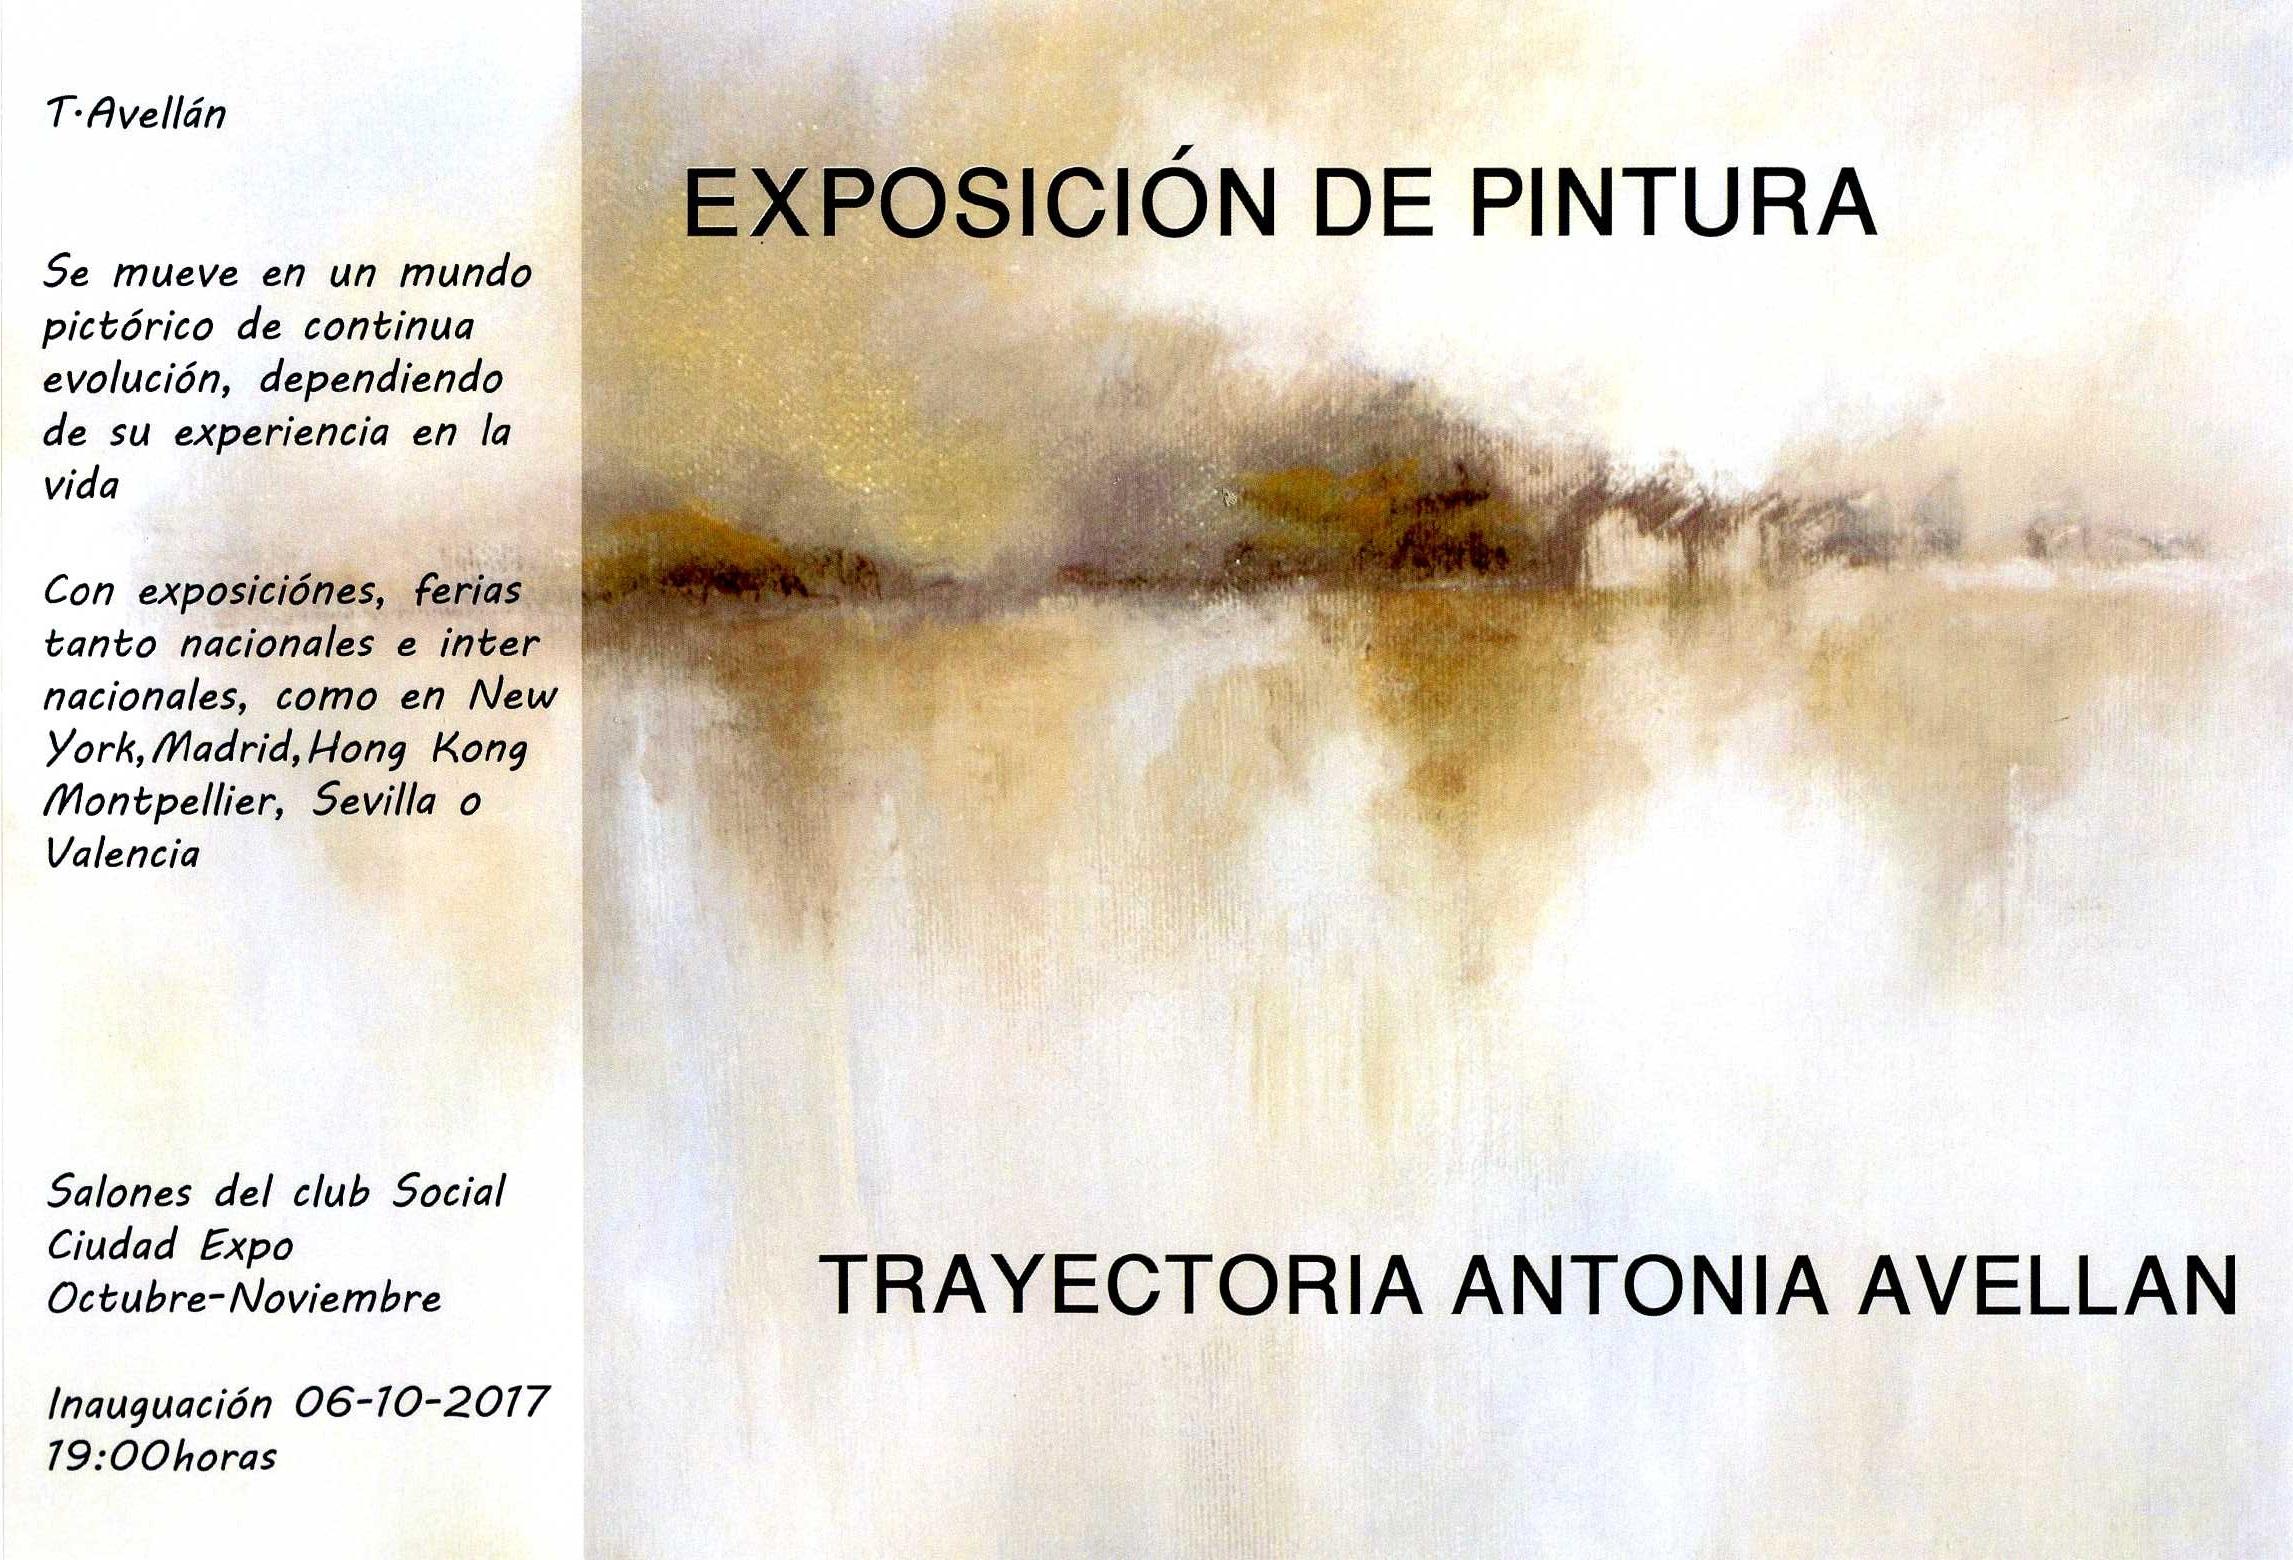 EXPOSICIÓN DE PINTURA ANTONIA AVELLAN